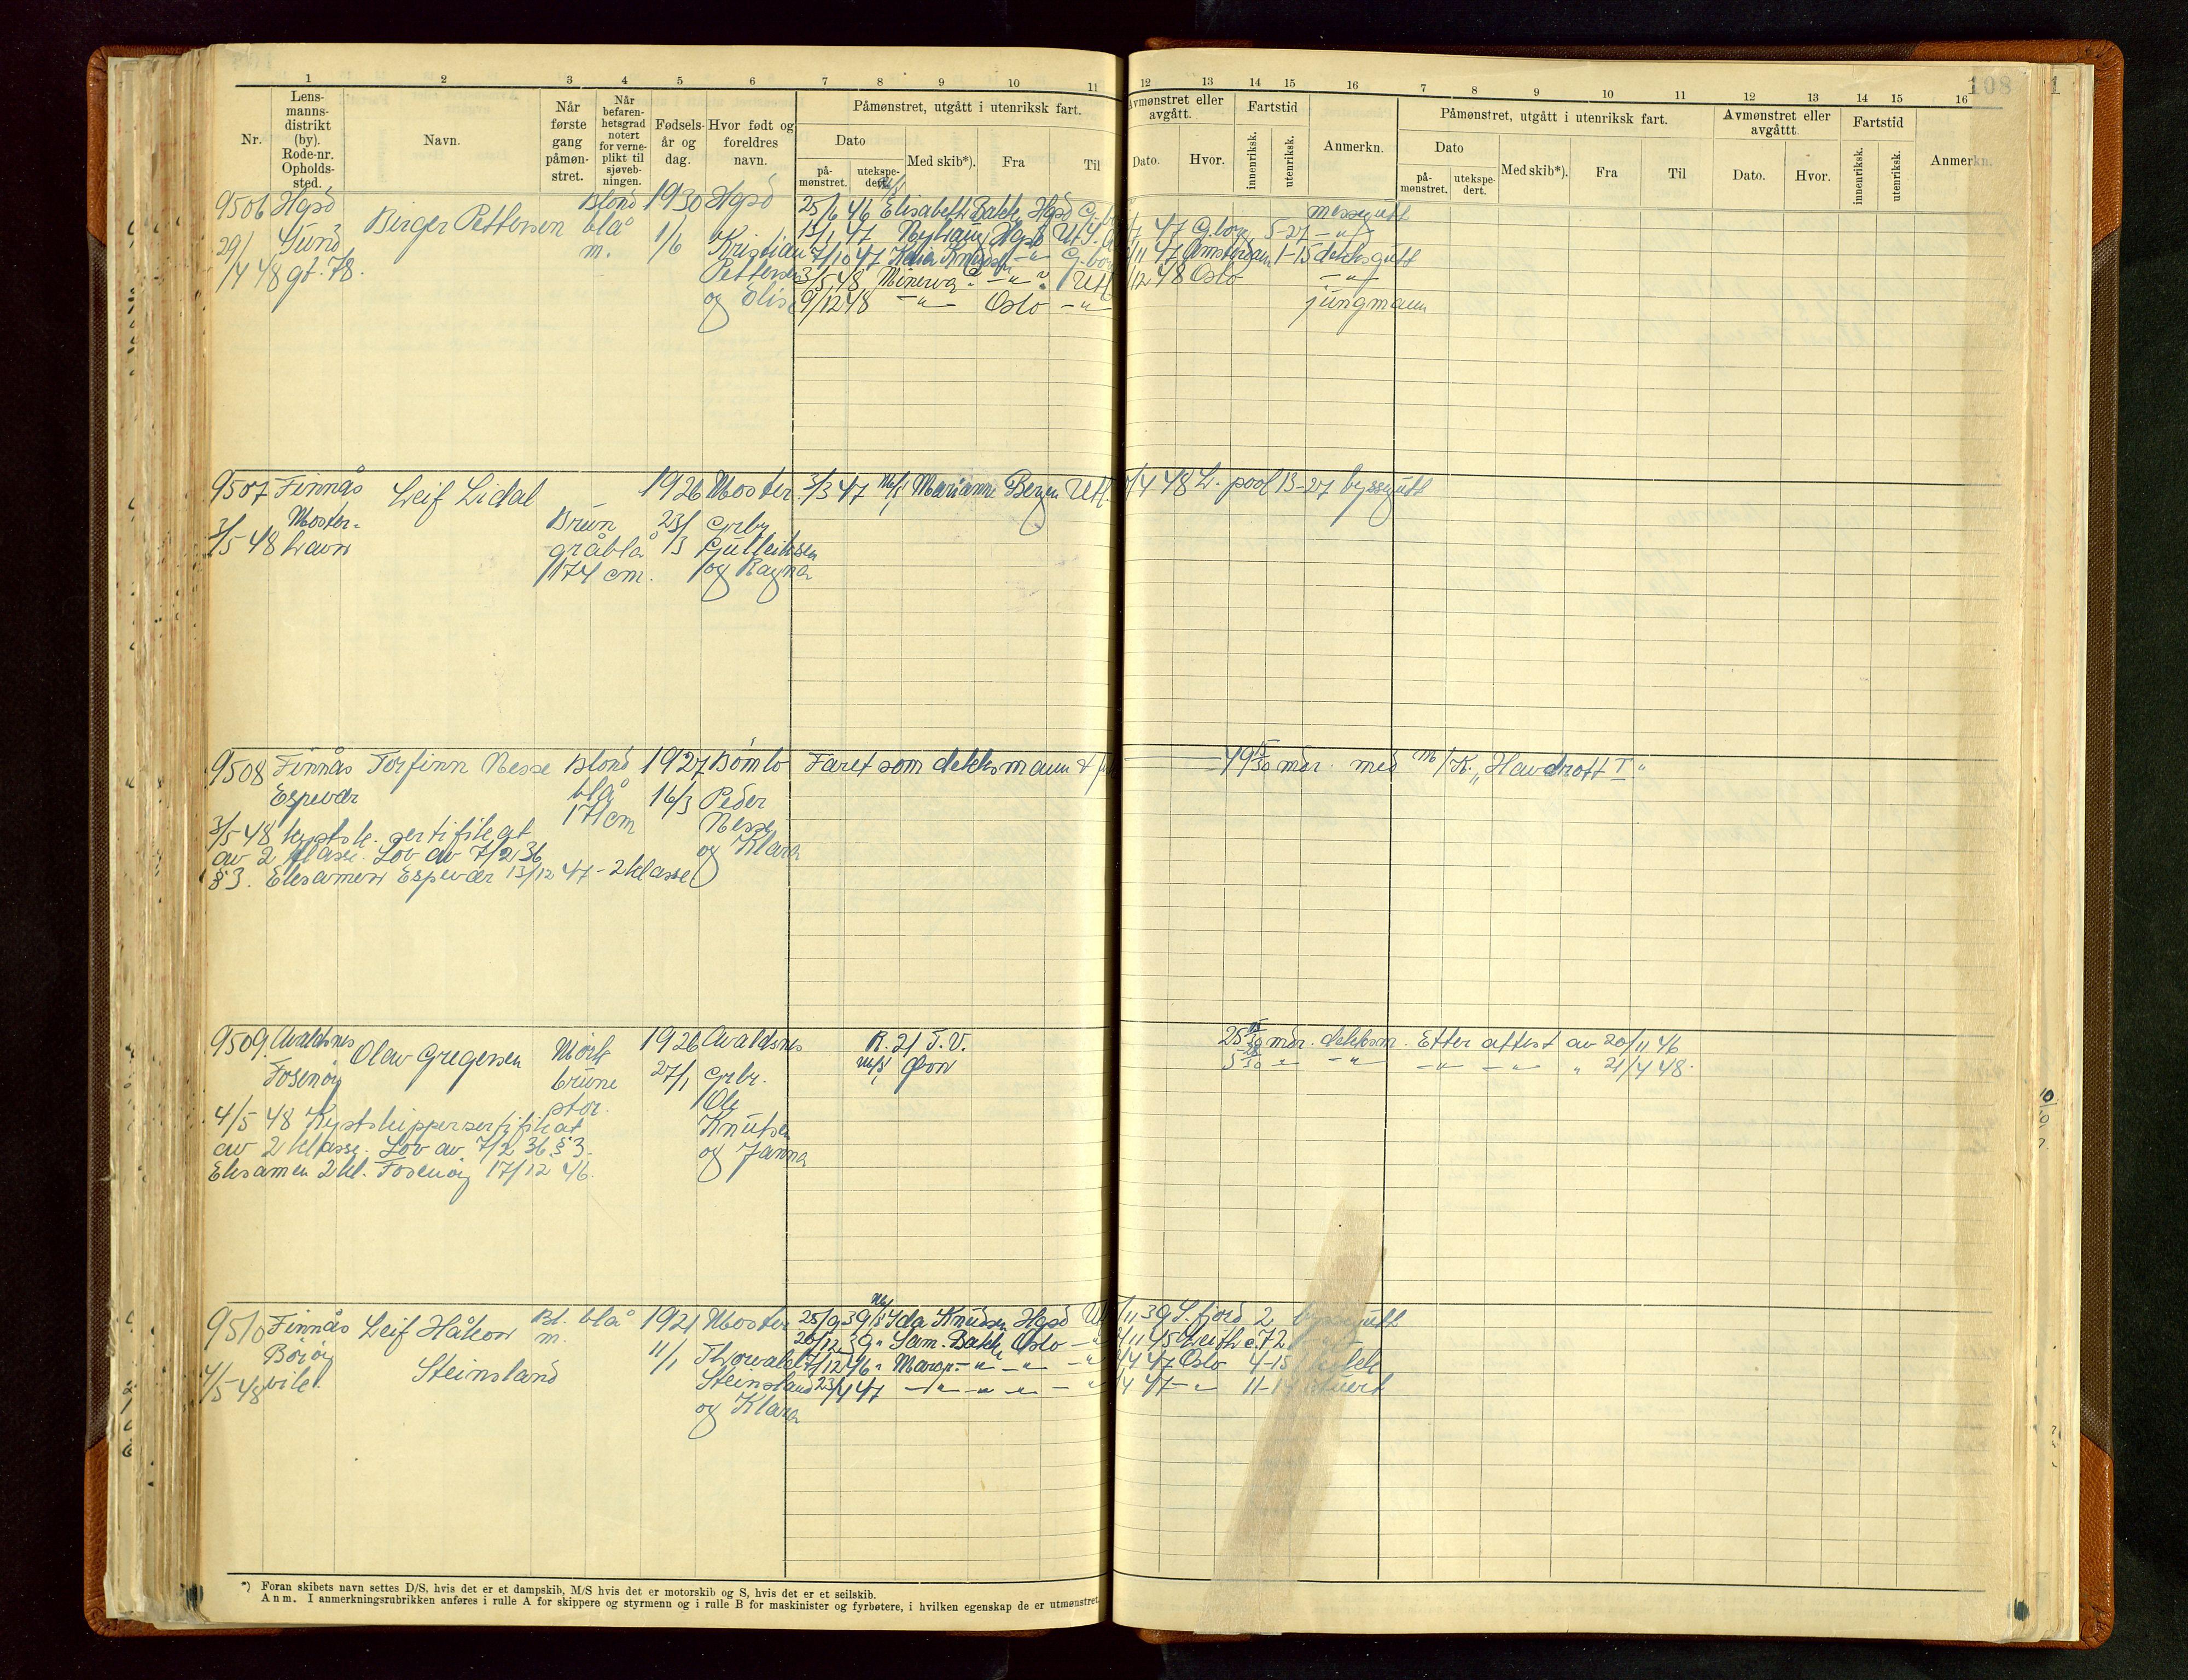 SAST, Haugesund sjømannskontor, F/Fb/Fbb/L0012: Sjøfartsrulle A Haugesund krets 2 nr. 8971-9629, 1868-1948, s. 108